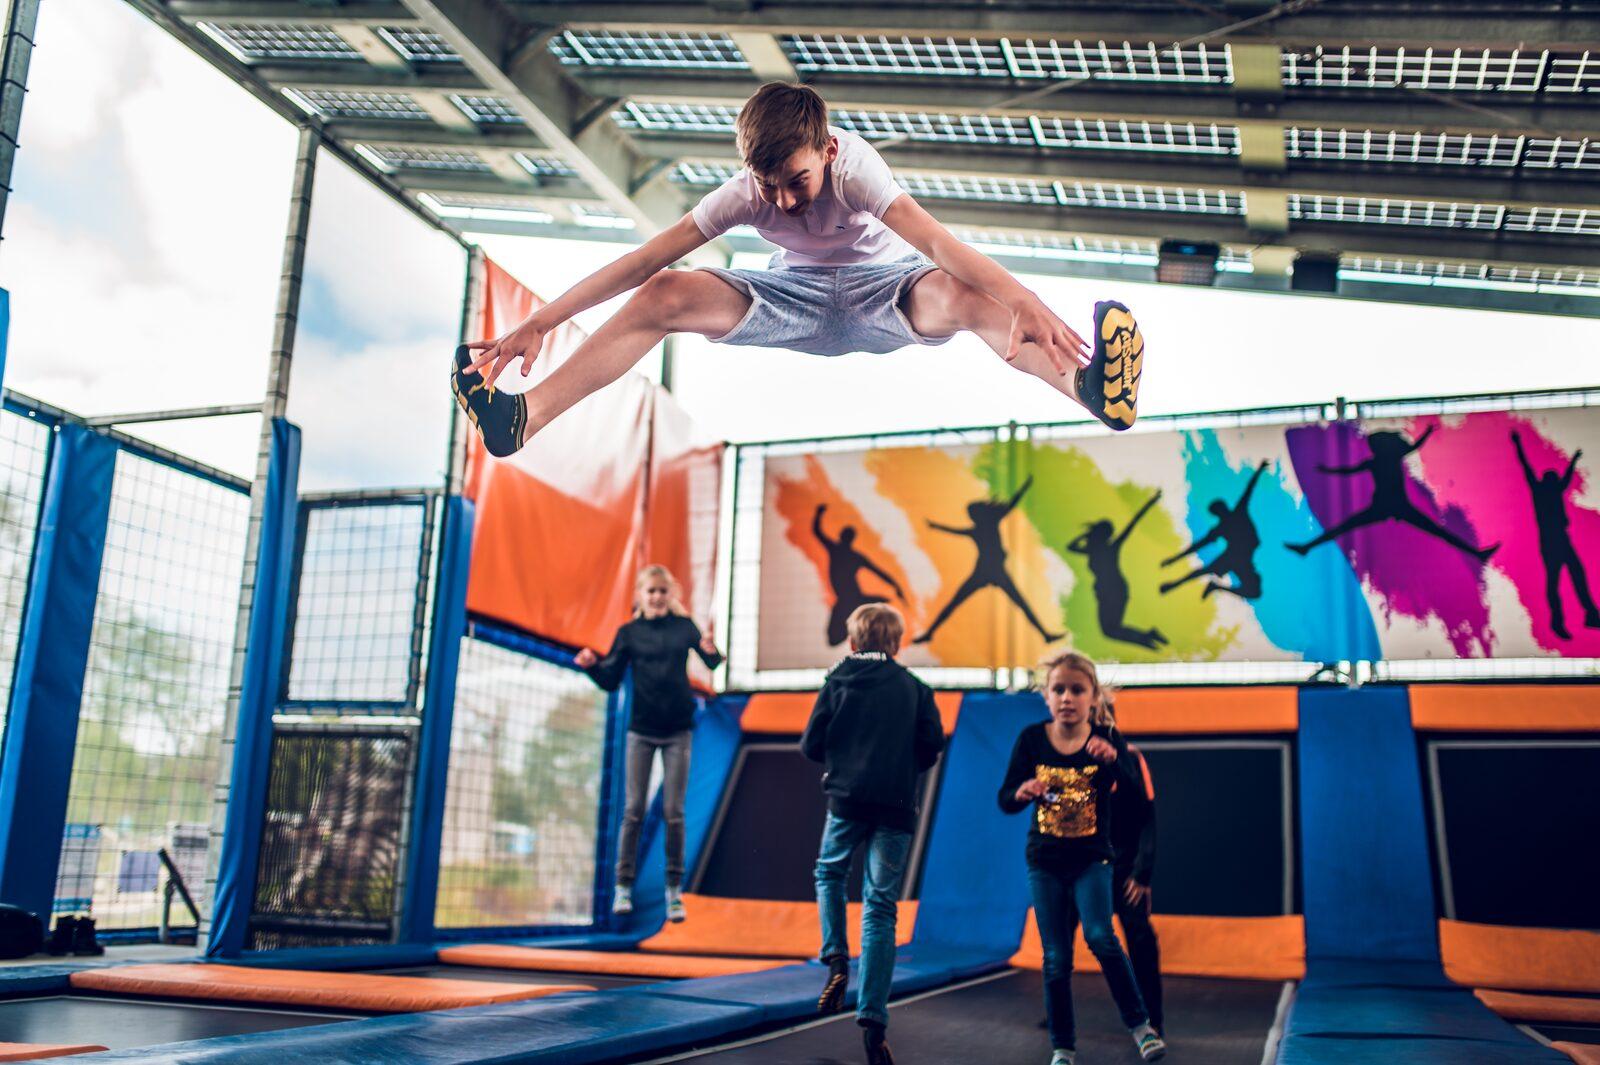 foto trampolinepark jongen springt Ackersate